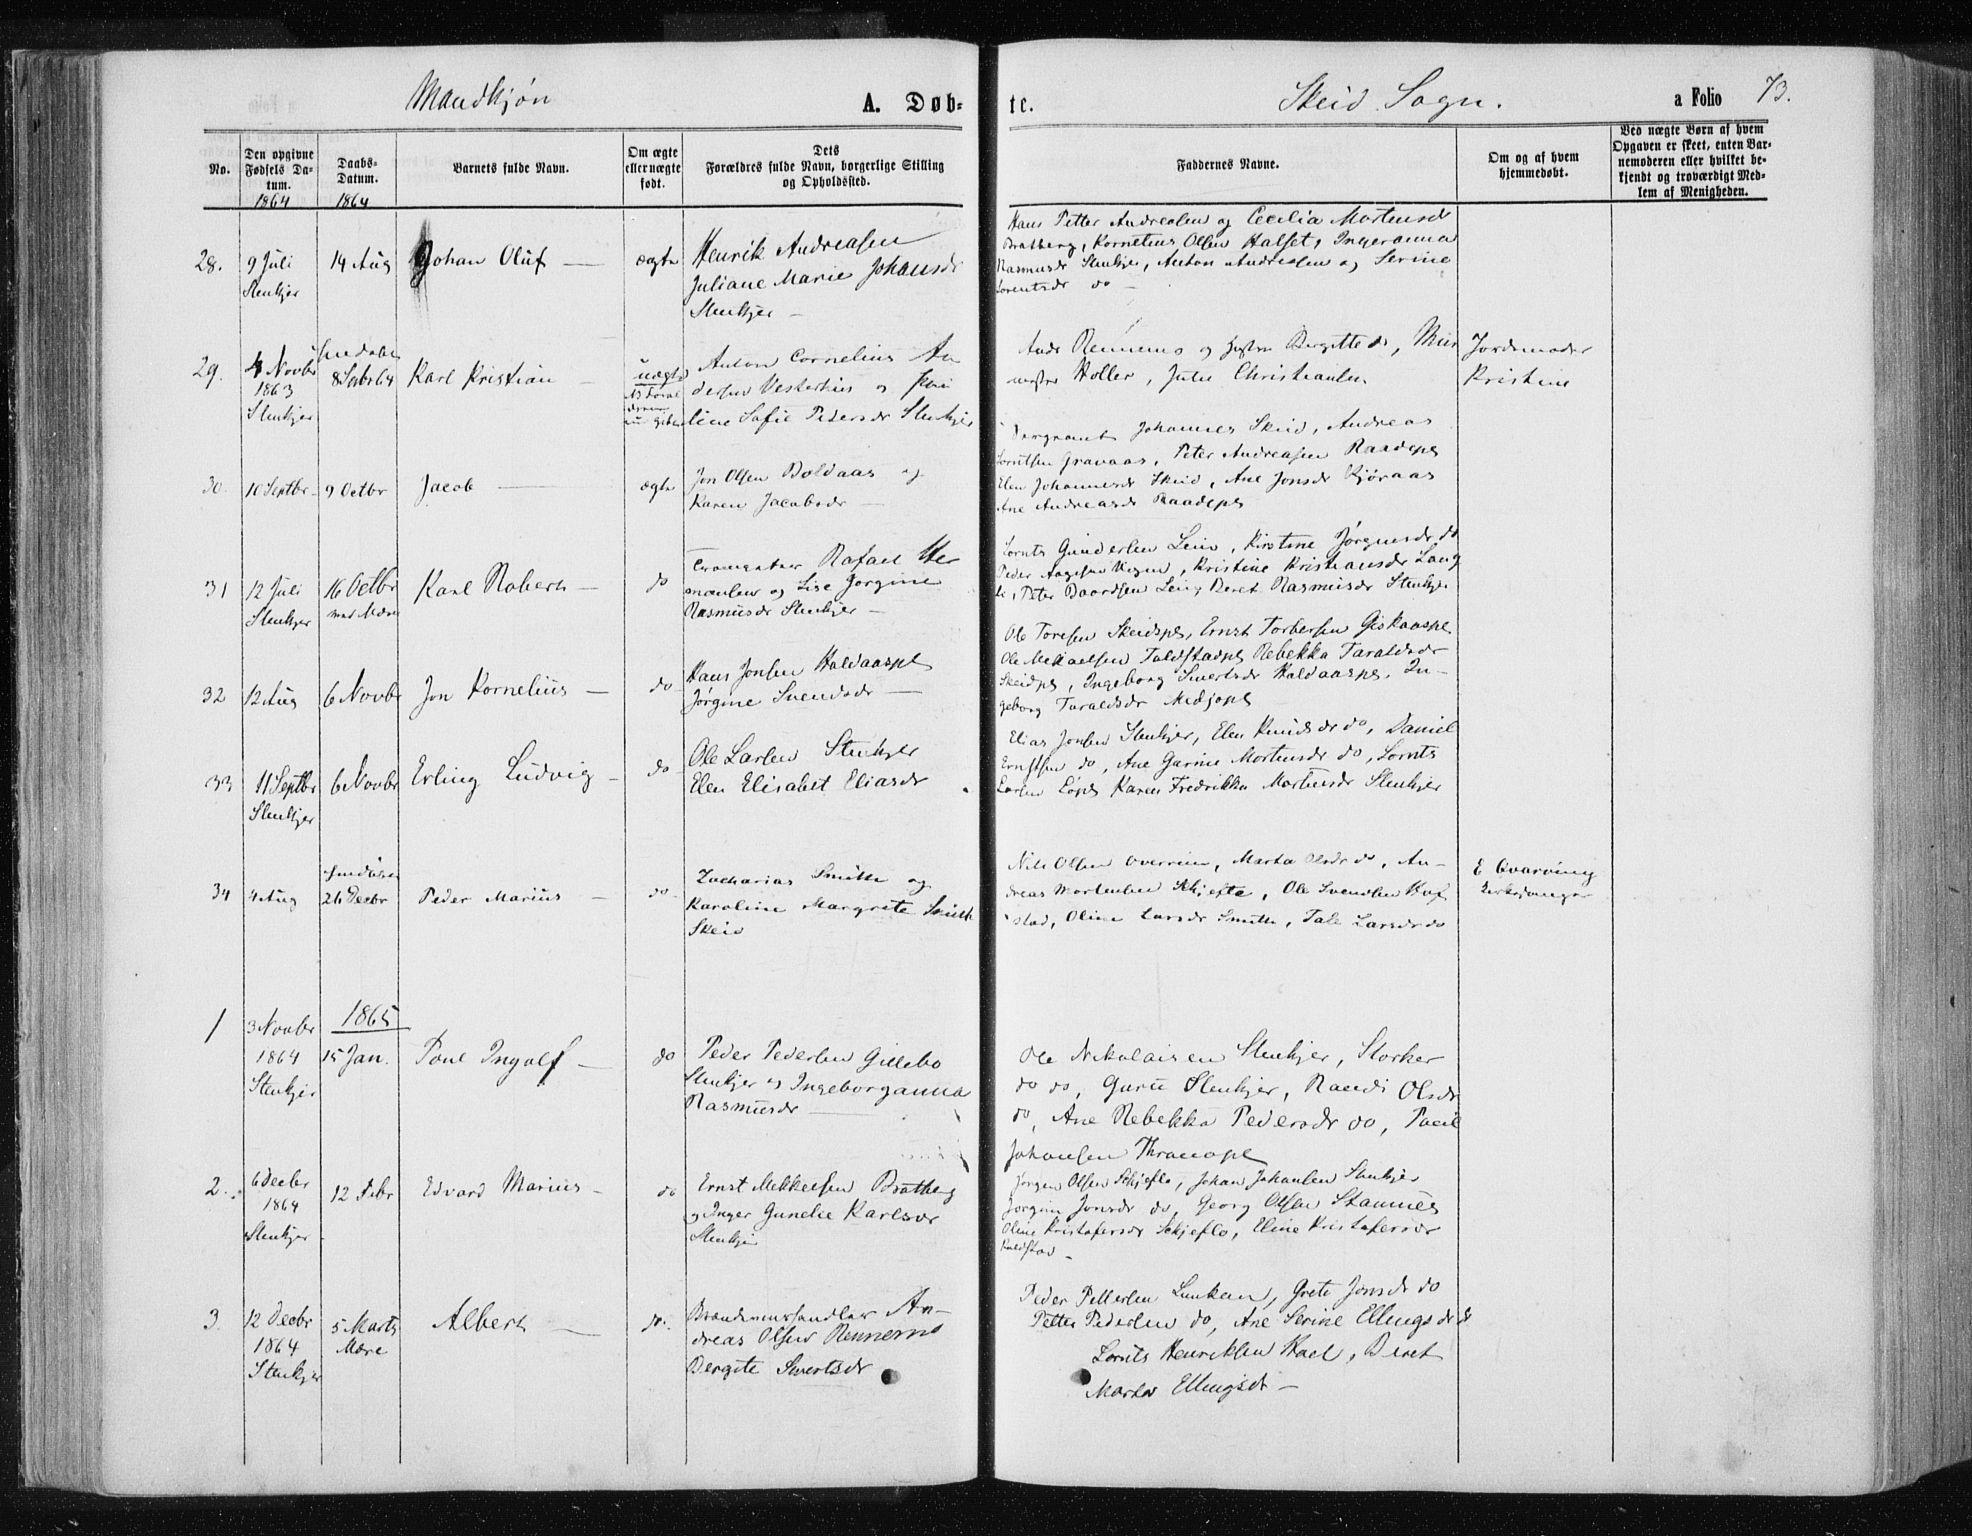 SAT, Ministerialprotokoller, klokkerbøker og fødselsregistre - Nord-Trøndelag, 735/L0345: Ministerialbok nr. 735A08 /2, 1863-1872, s. 73